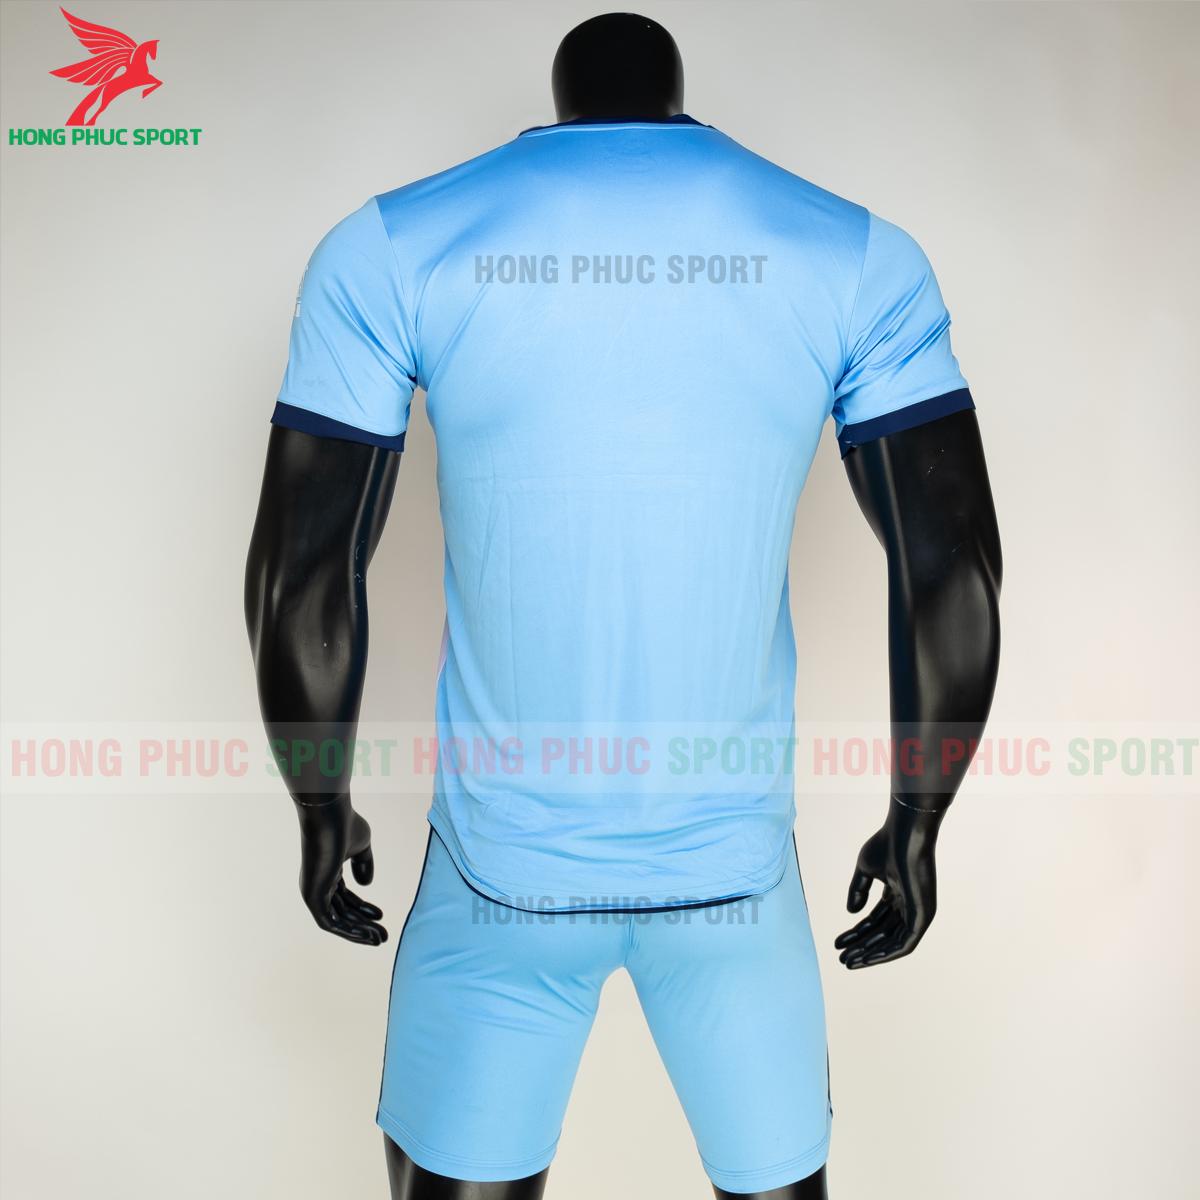 https://cdn.hongphucsport.com/unsafe/s4.shopbay.vn/files/285/ao-bong-da-khong-logo-riki-furior-mau-xanh-da-8-605017b64c774.png